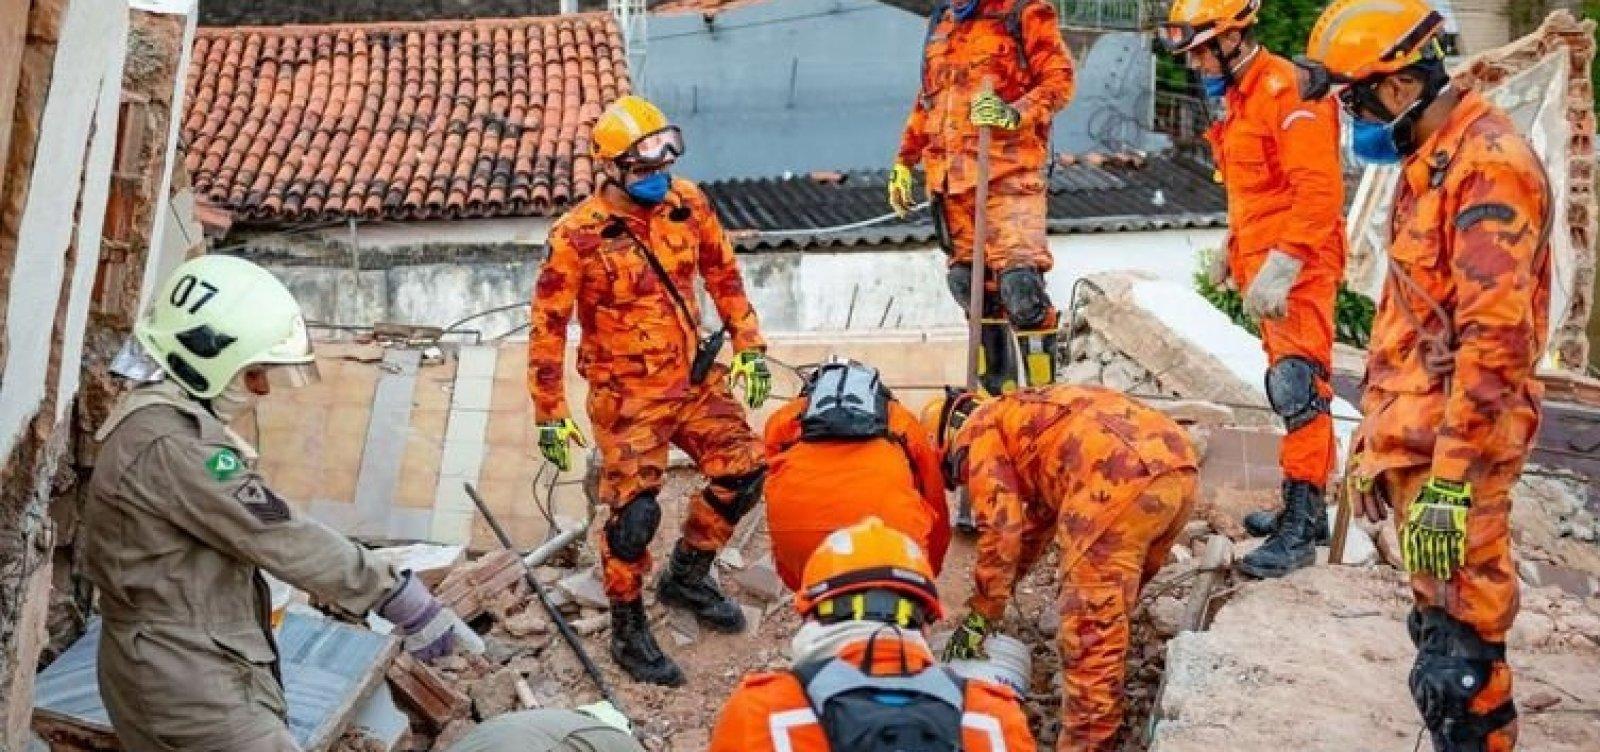 [Número de mortos sobe para 6 em desabamento de prédio em Fortaleza]